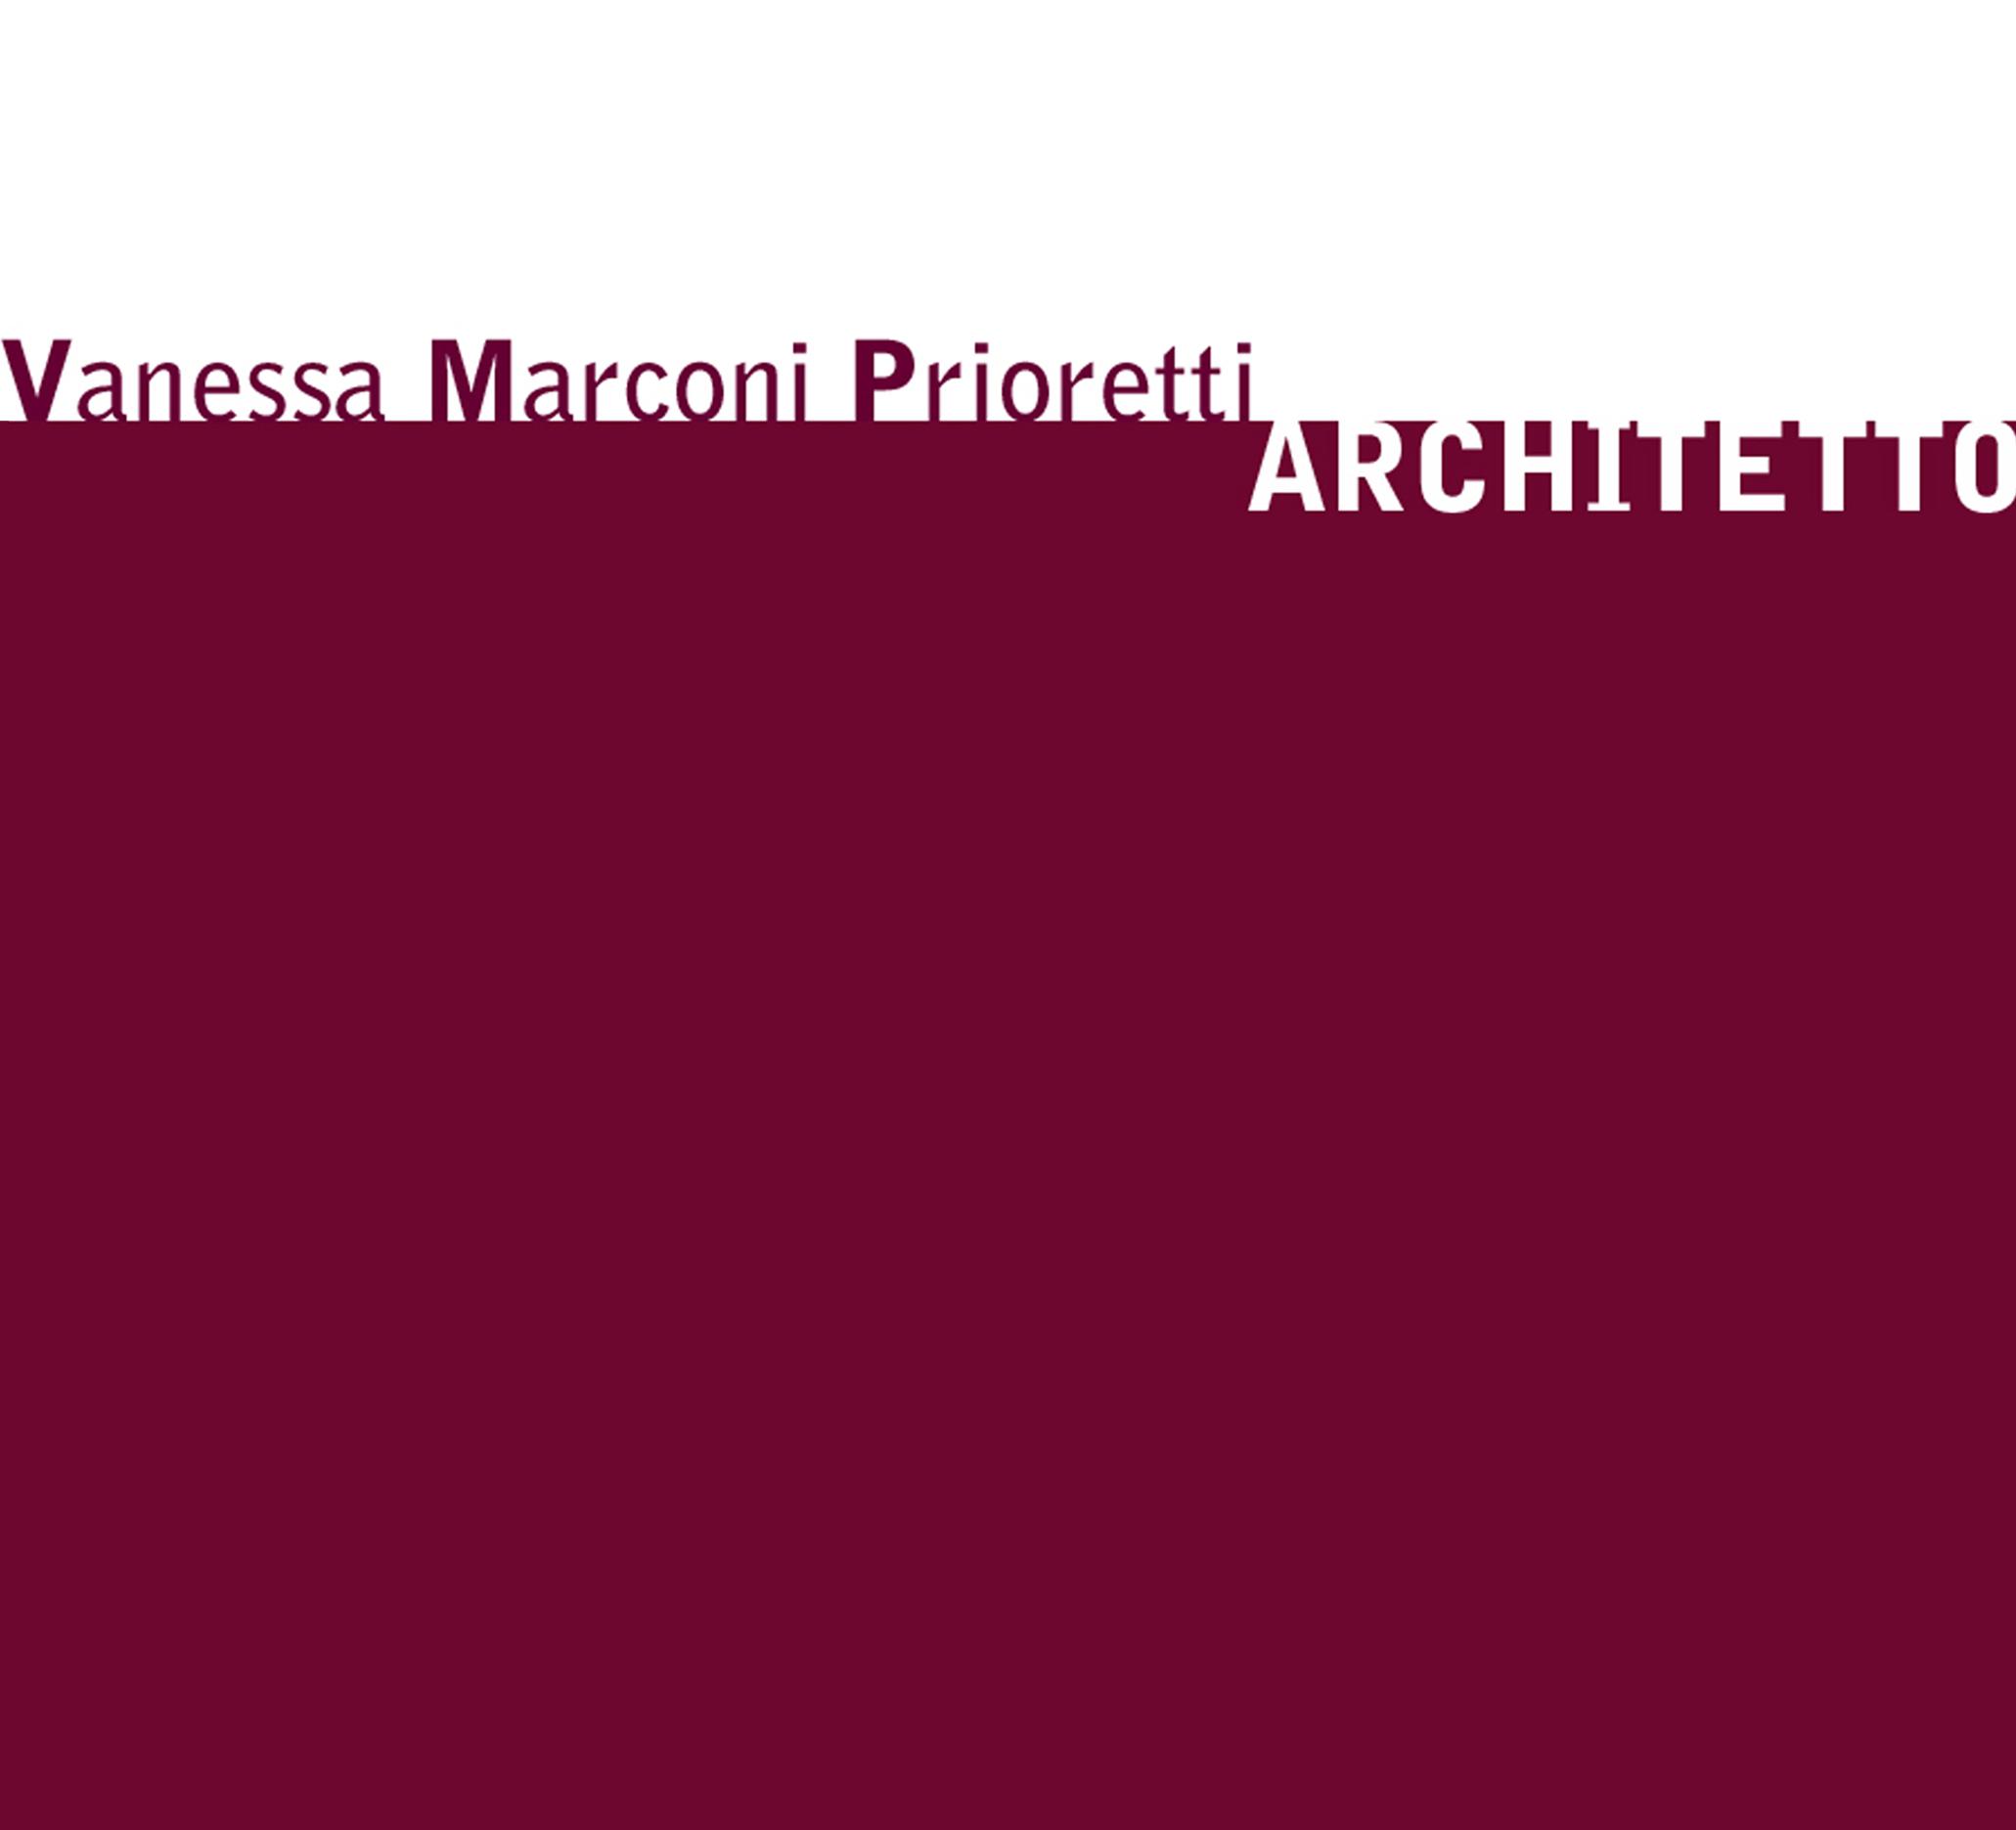 Vanessa Marconi Prioretti